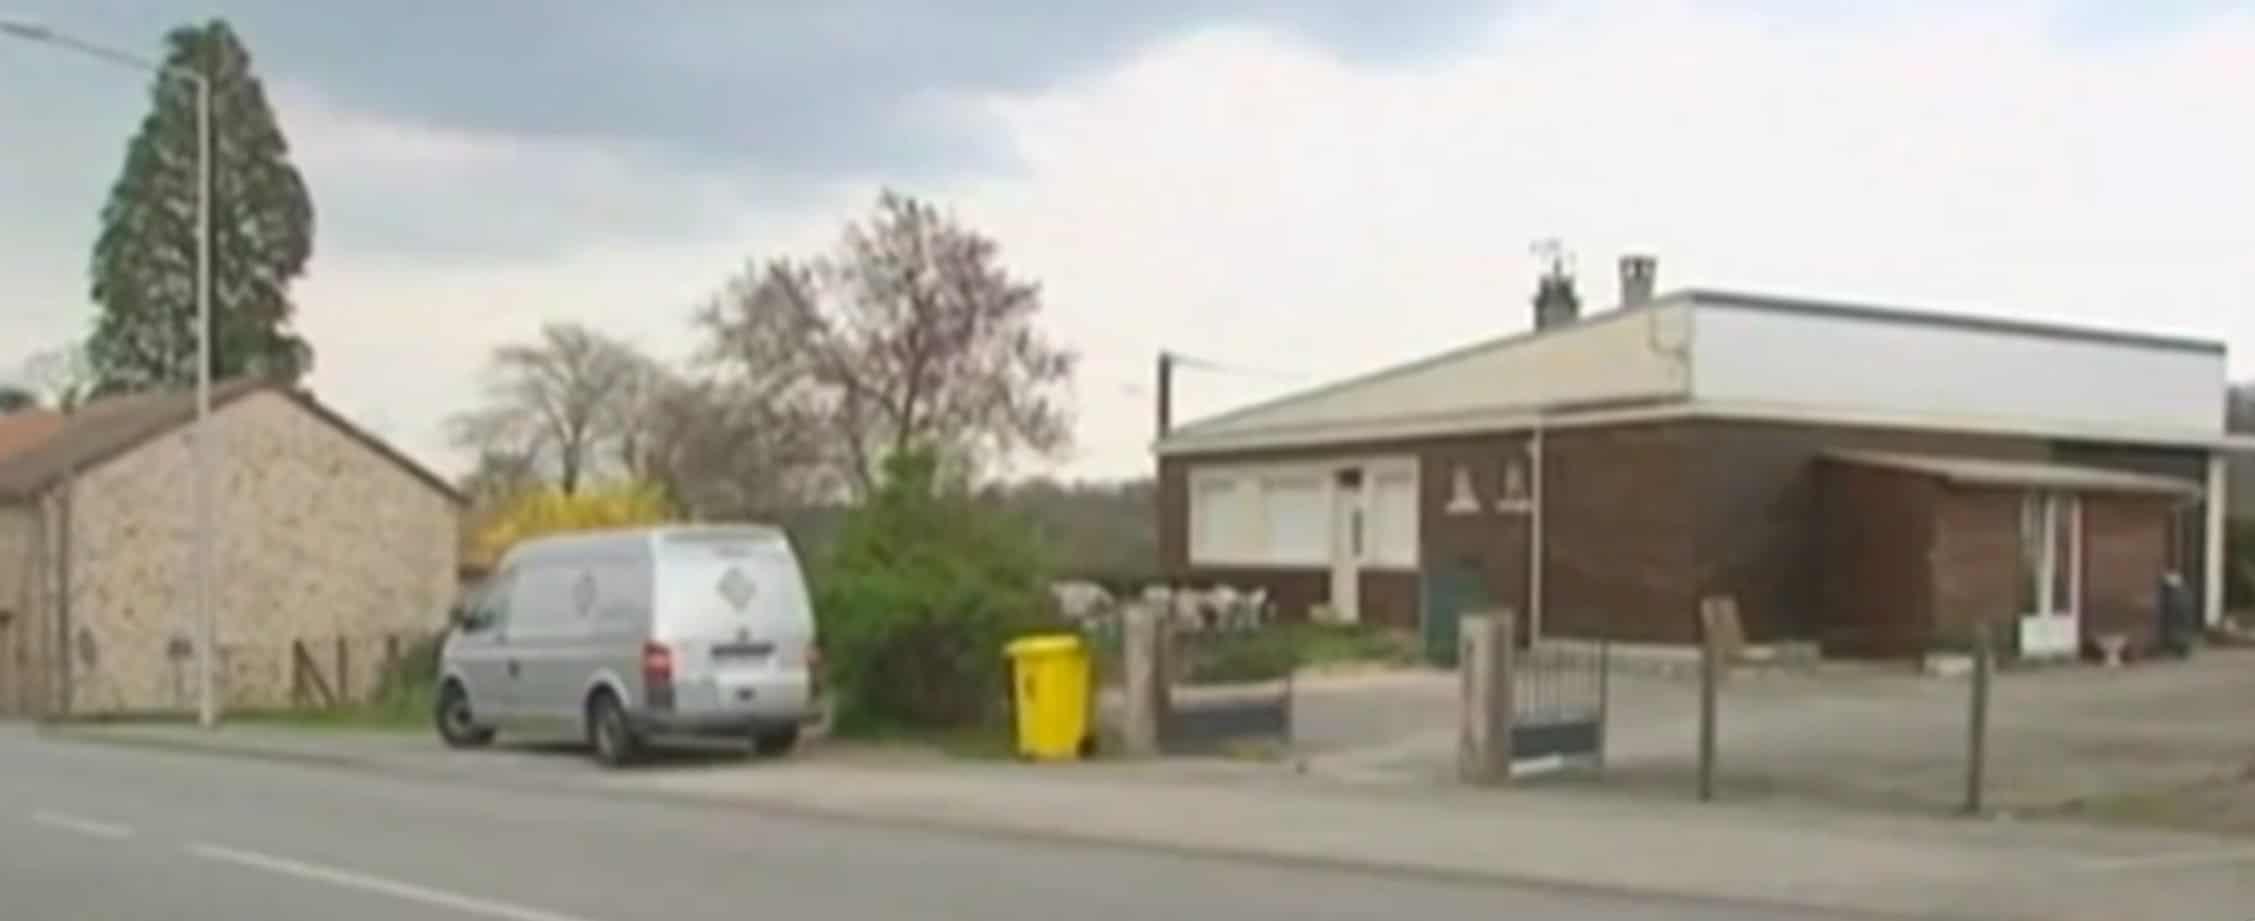 Les habitants de cette maison ont été évacués après la découverte de gaz radioactif